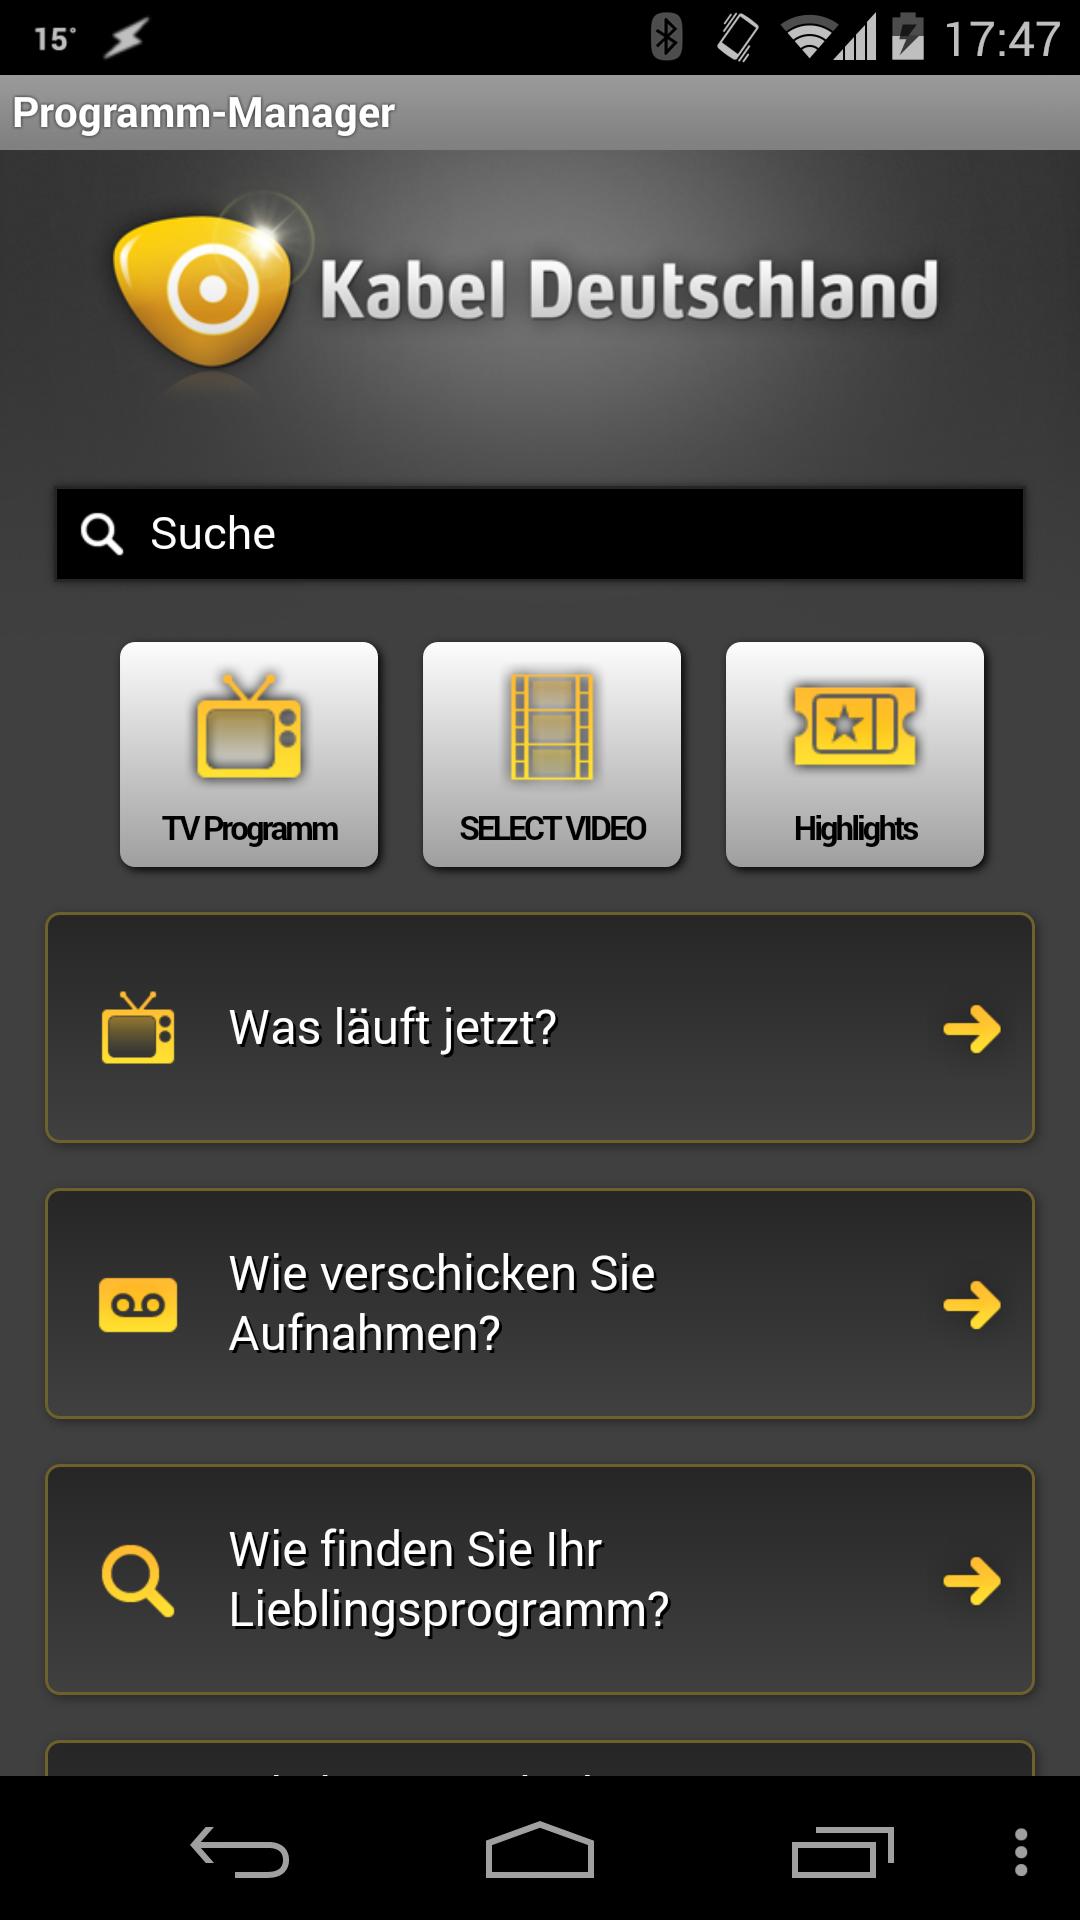 app von kabel deutschland mit datenleck heise security. Black Bedroom Furniture Sets. Home Design Ideas